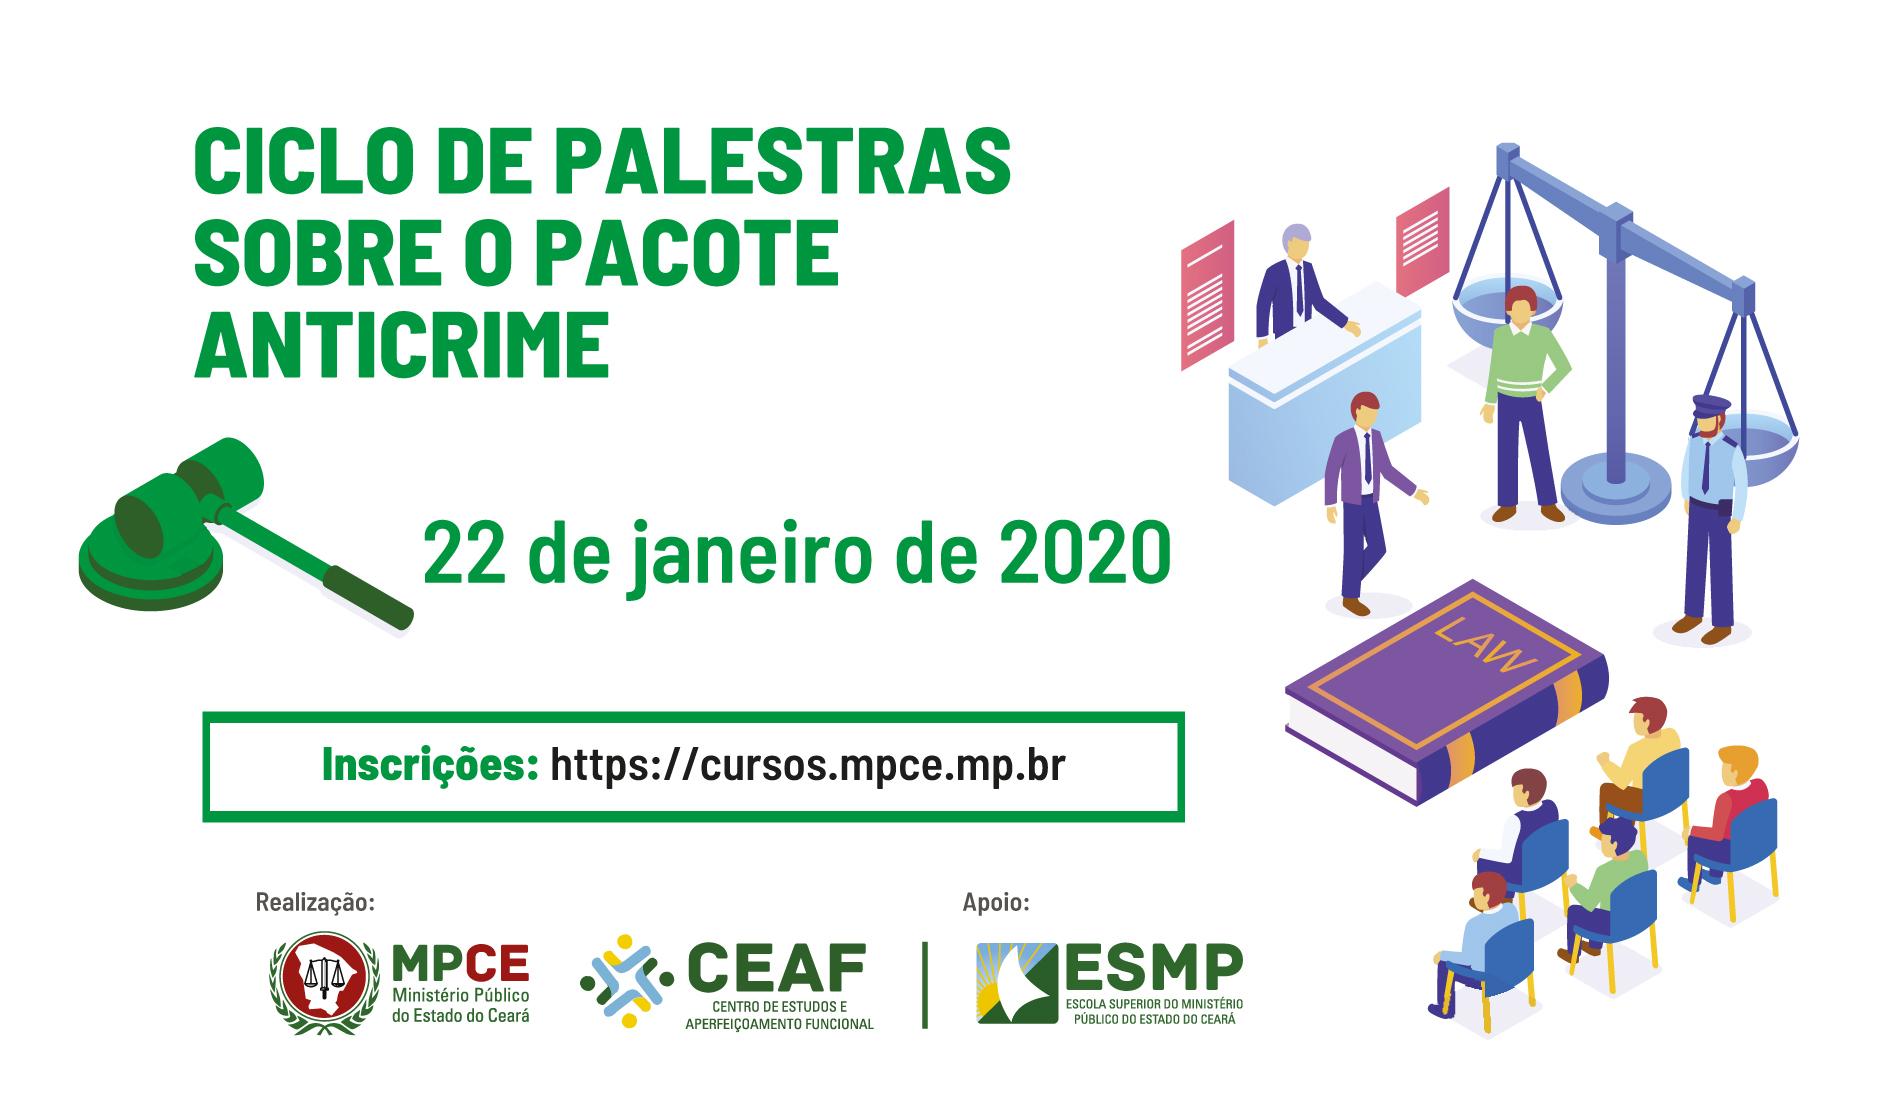 CICLO DE PALESTRAS SOBRE O  PACOTE ANTICRIME - ASPECTOS GERAIS DA LEI 13.964/2019